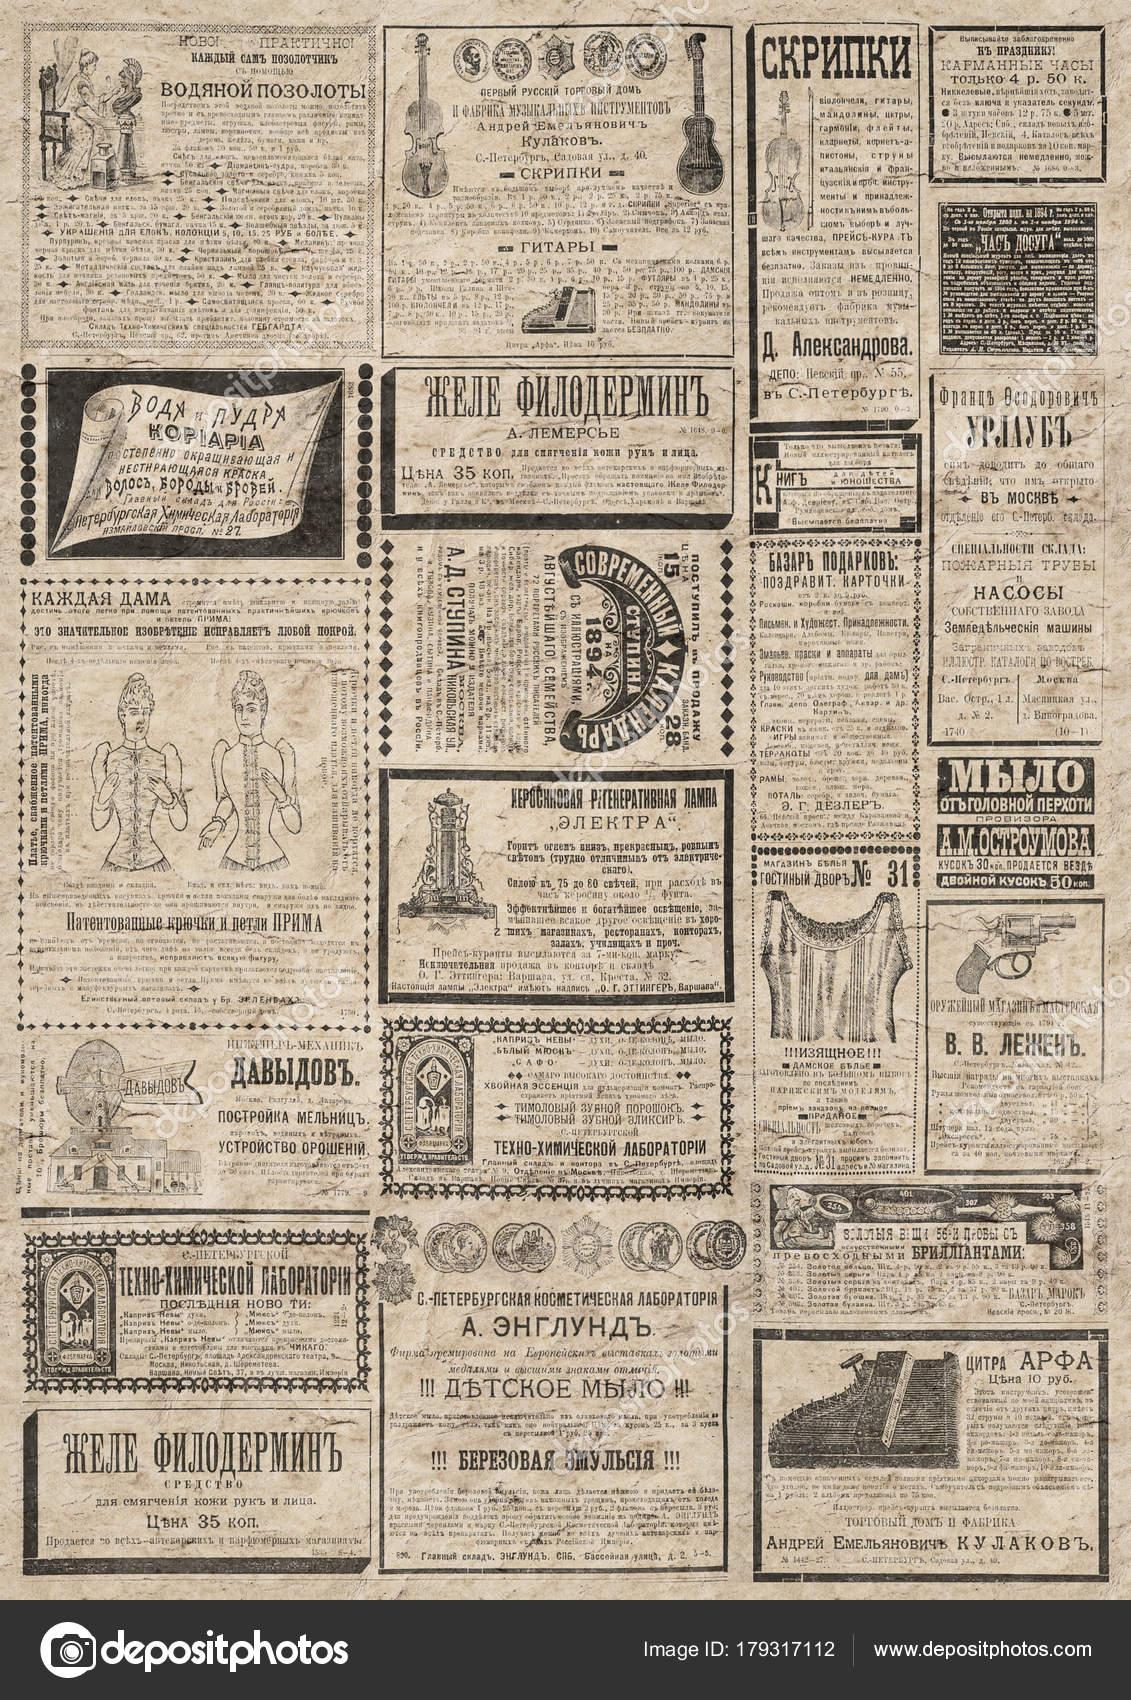 Fondo vertical periódico — Foto de stock © OlgaZe #179317112